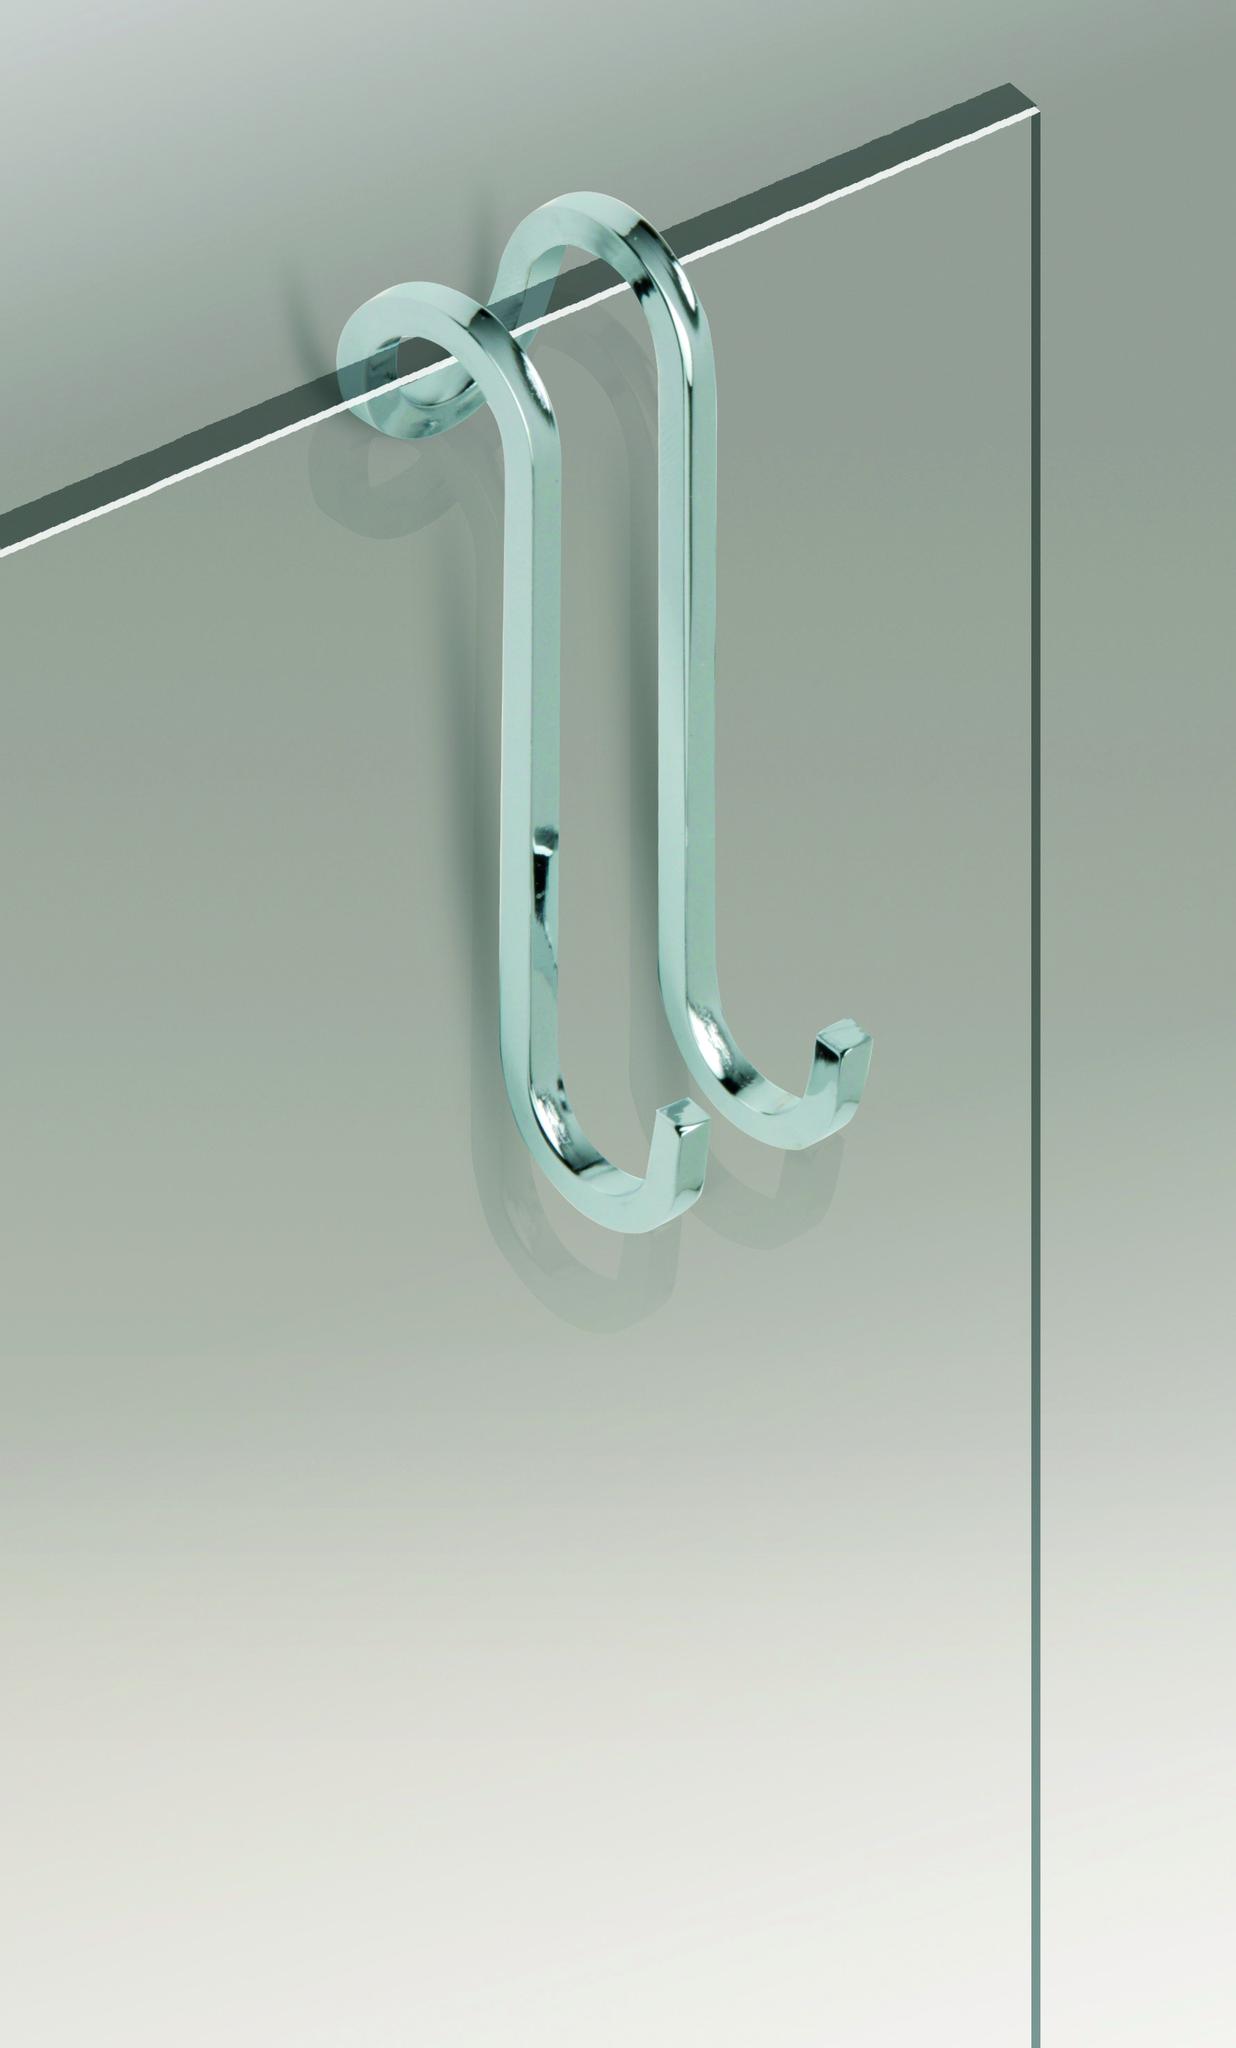 Ванная Крючок на присоске 85031CR от Windisch kryuchok-na-prisoske-85031-ot-windisch-ispaniya.jpg